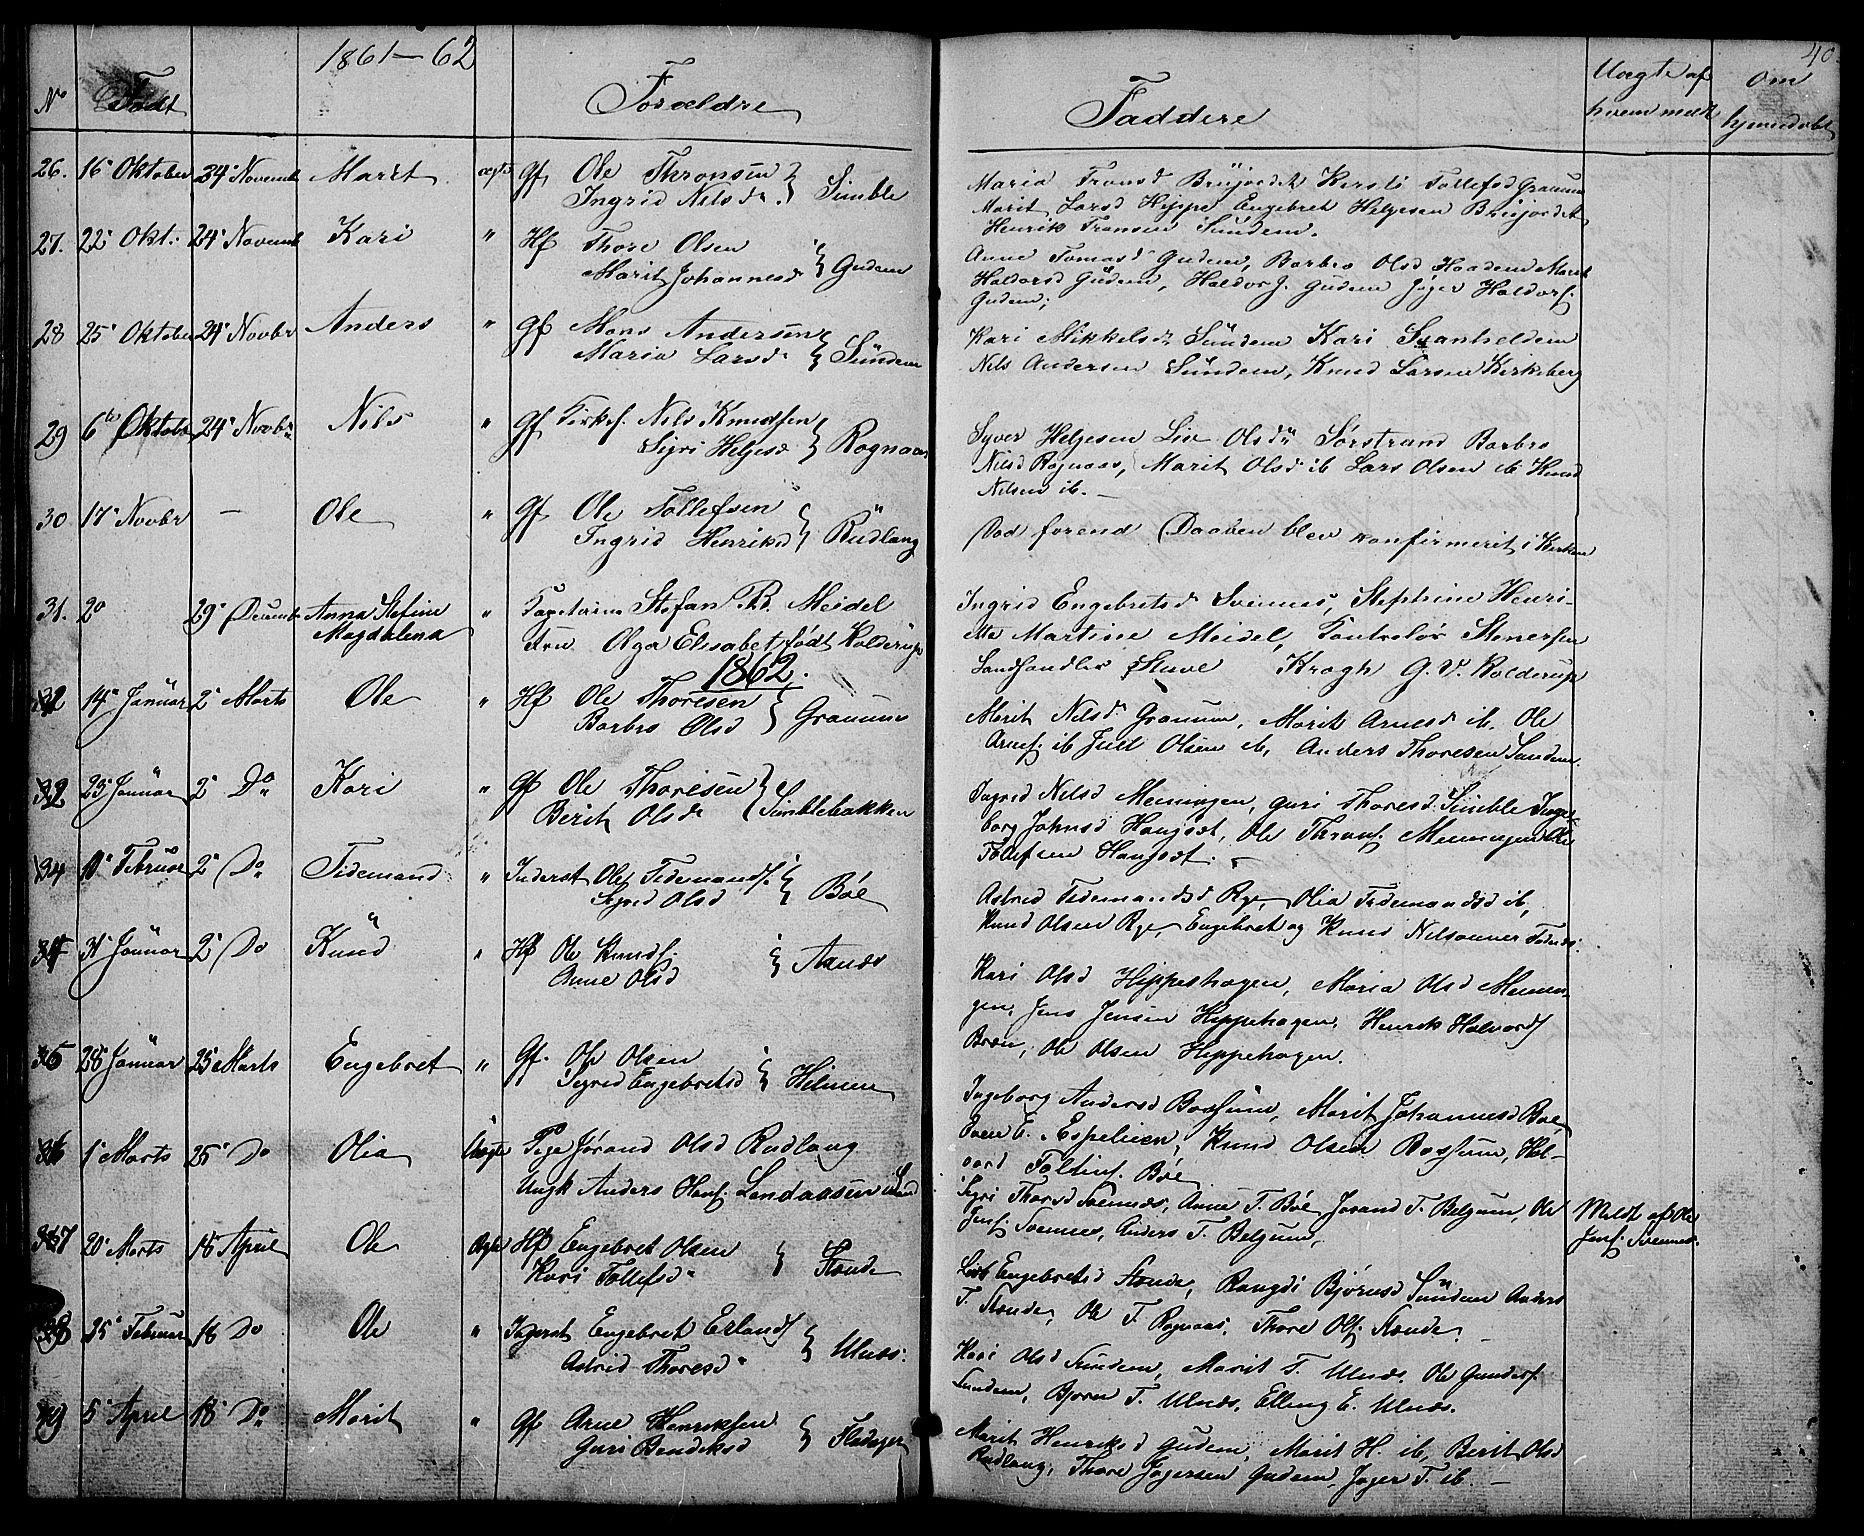 SAH, Nord-Aurdal prestekontor, Klokkerbok nr. 4, 1842-1882, s. 40